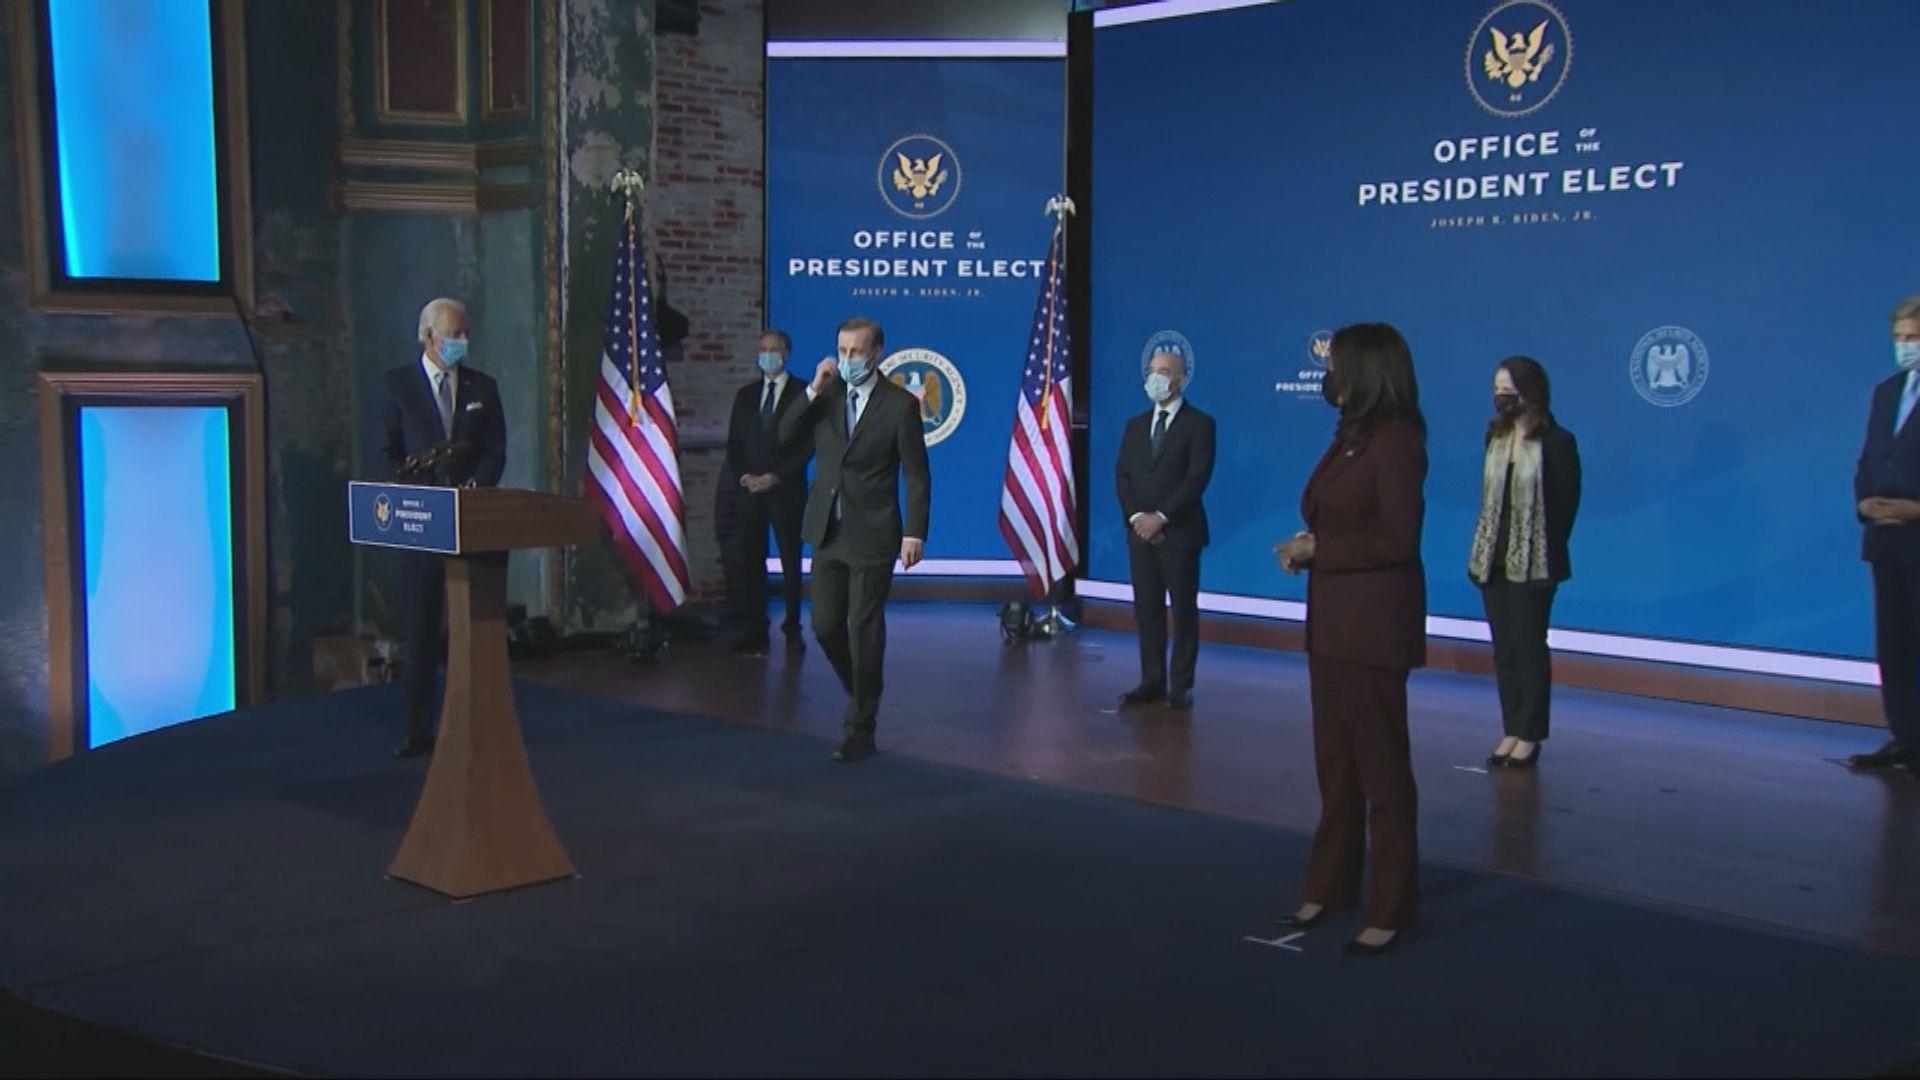 拜登內閣被認為是美國歷來最多元化